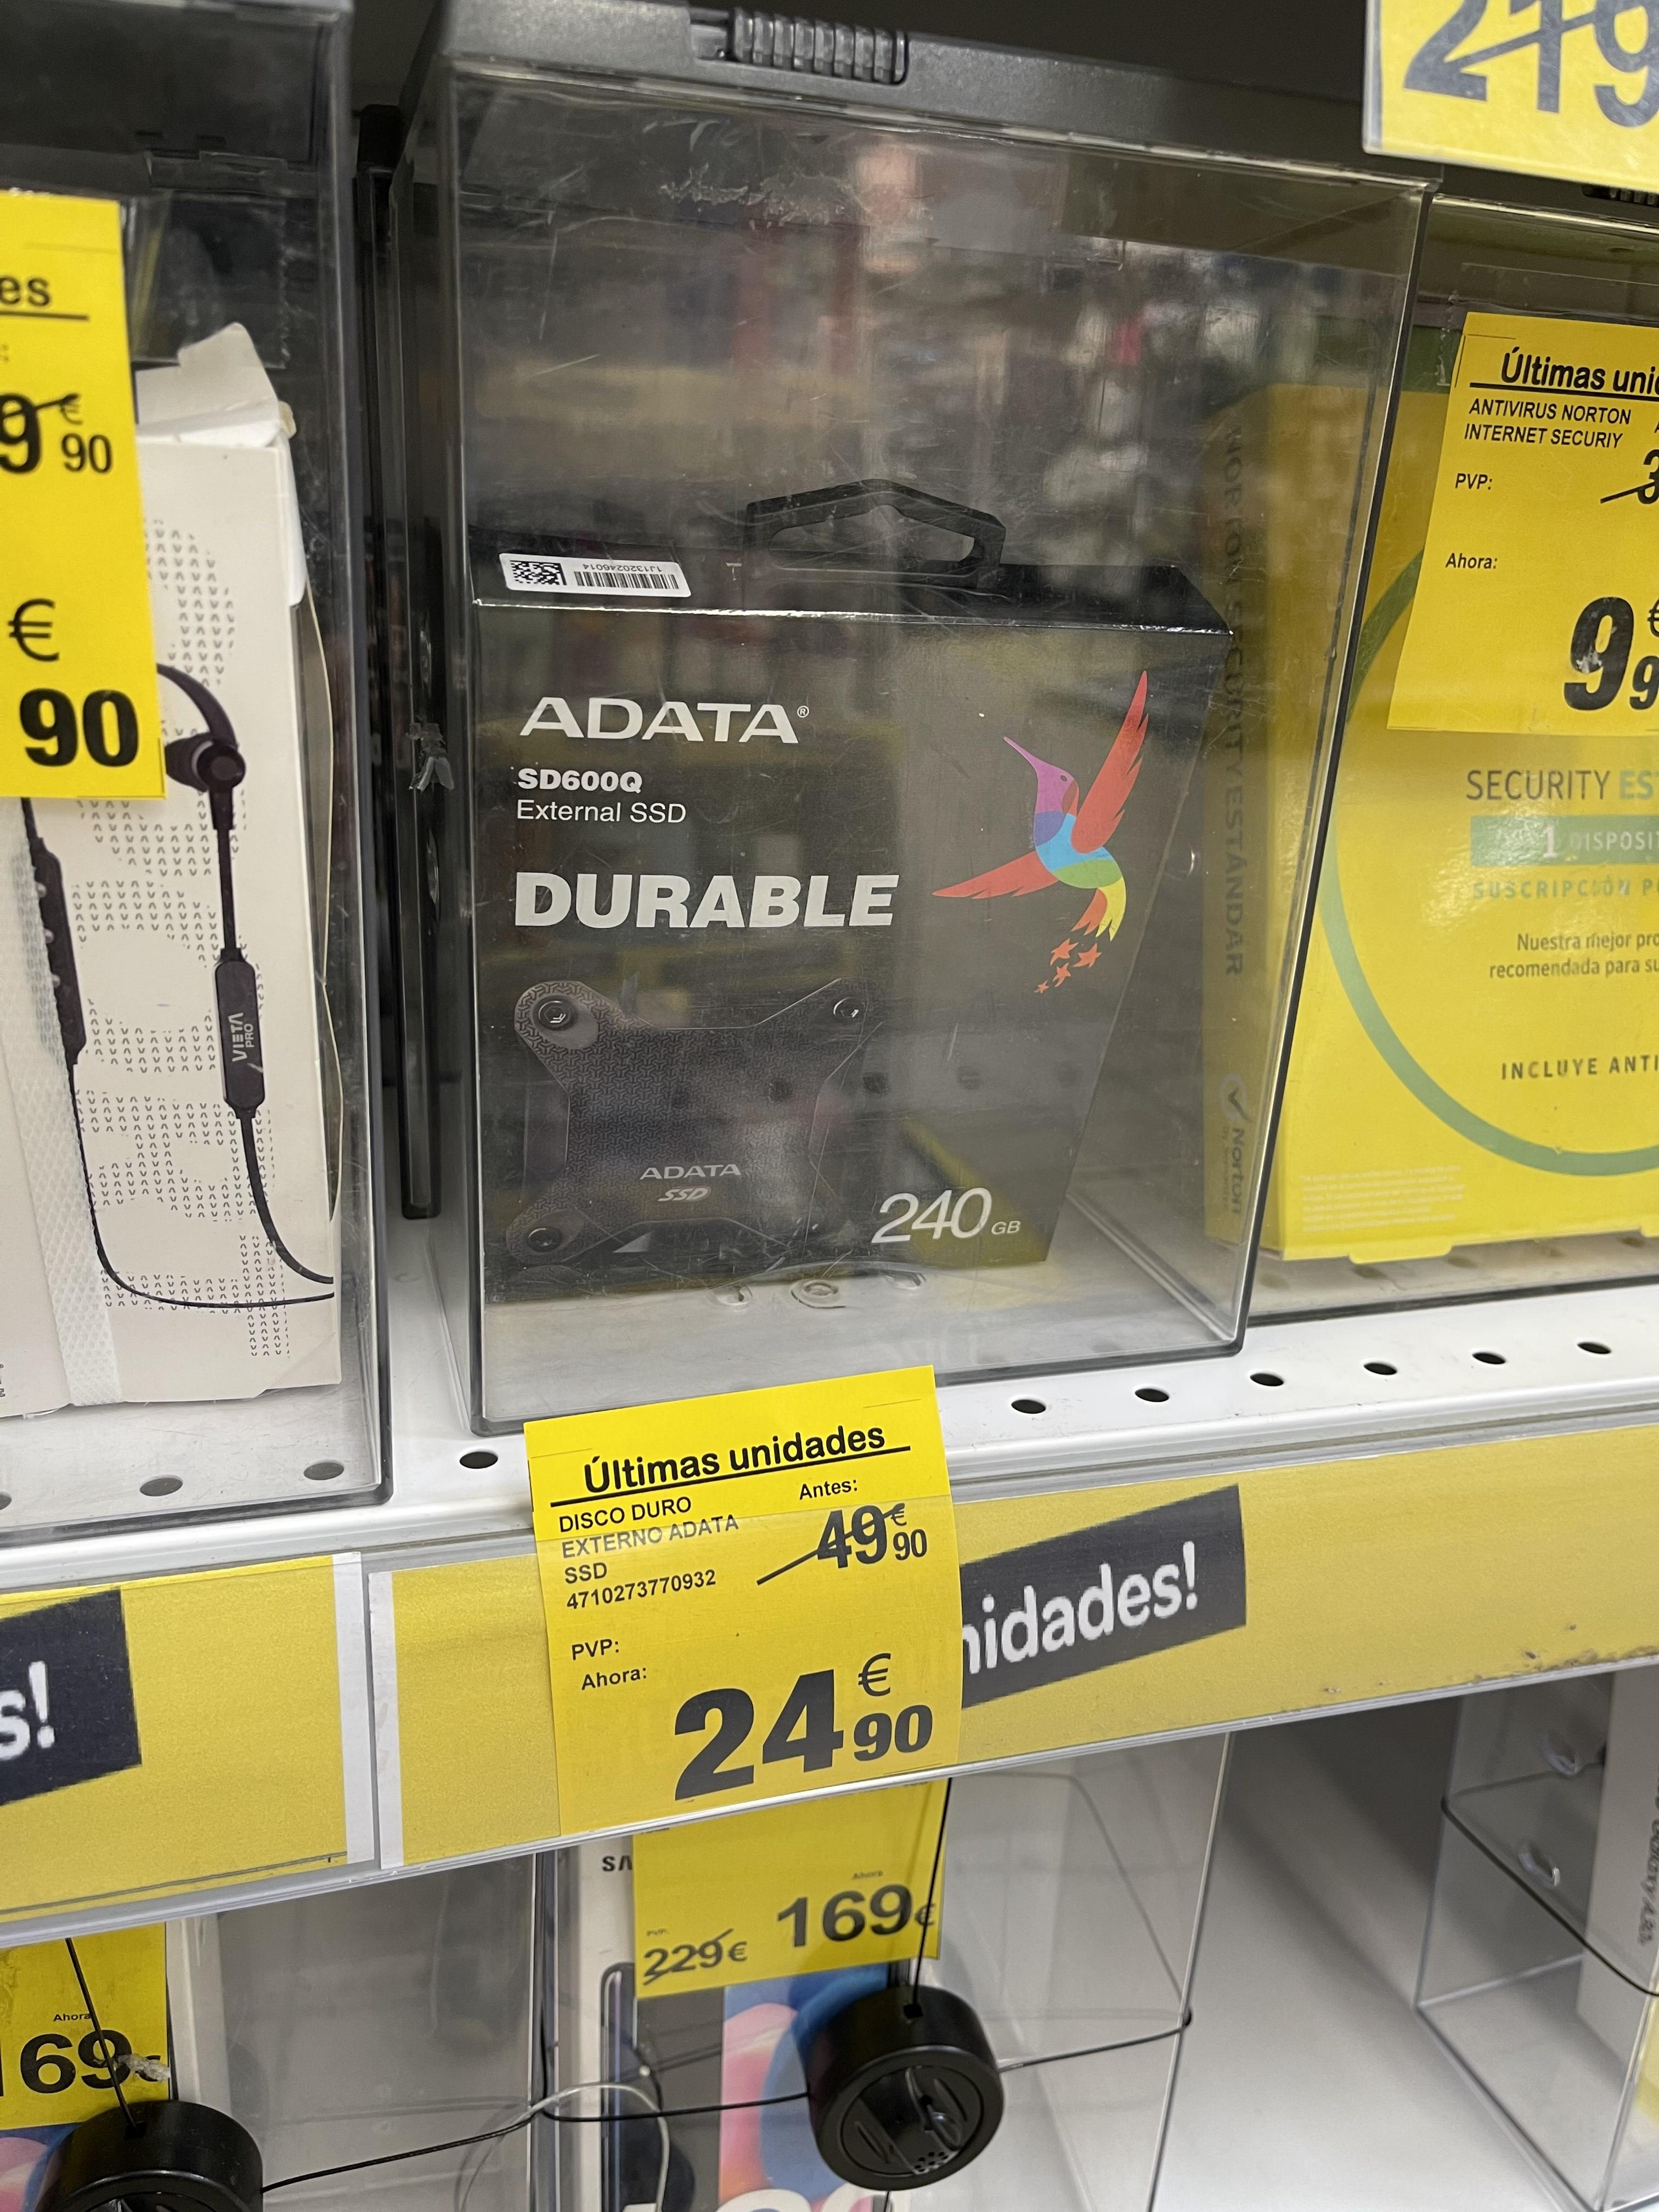 Disco duro externo SSD 240GB Adata, color negro solo (Carrefour Lorca)